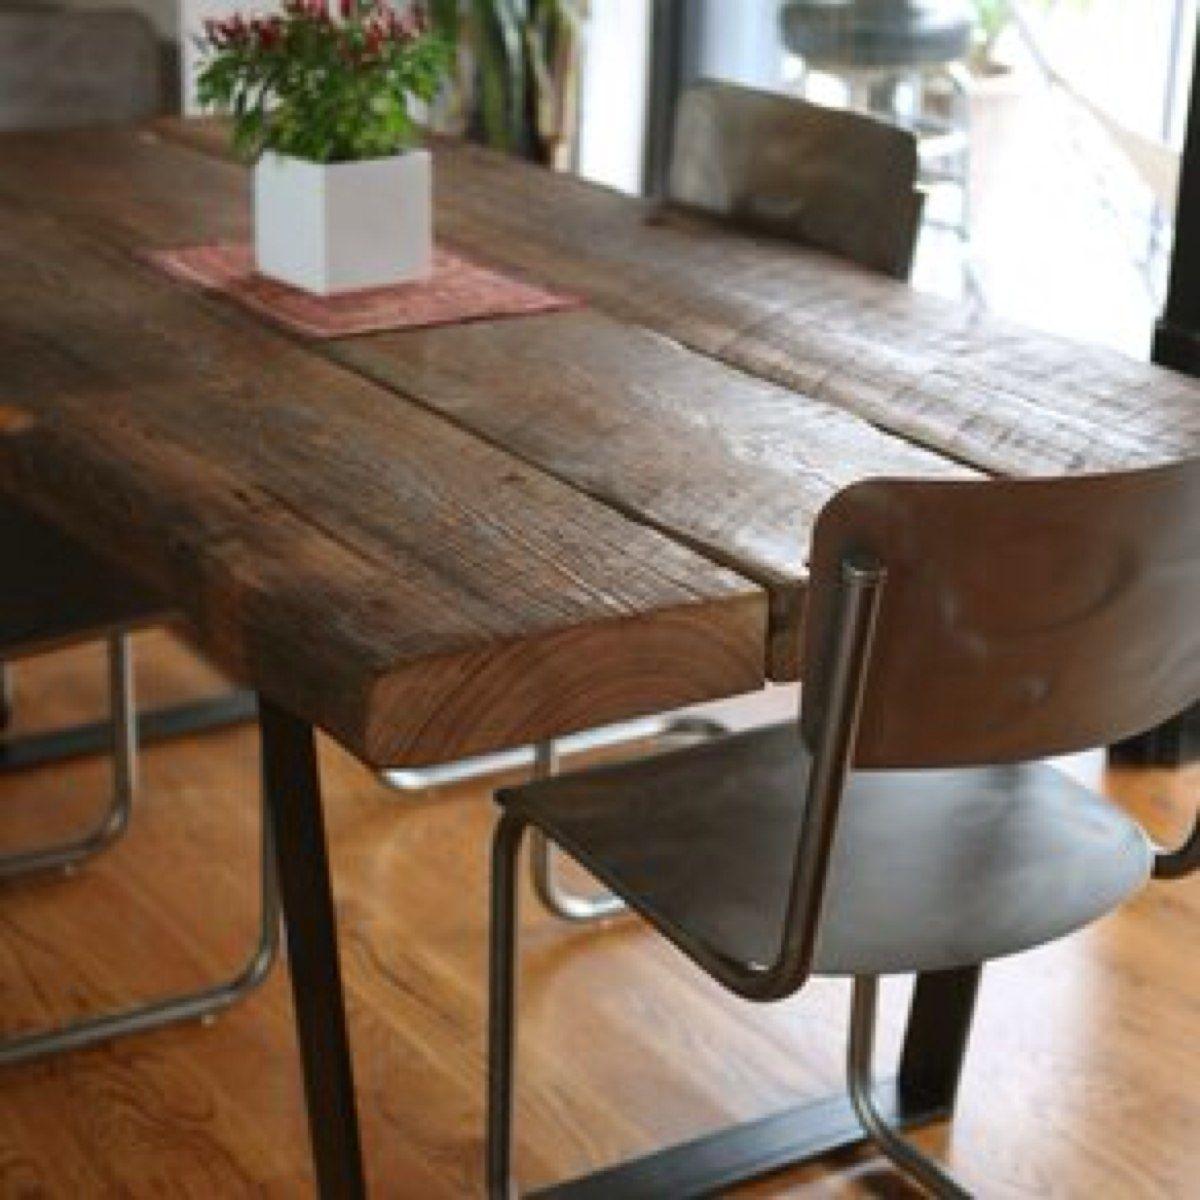 Mesas de hierro y madera dura estacionada mesa de hierro - Mesa de hierro ...